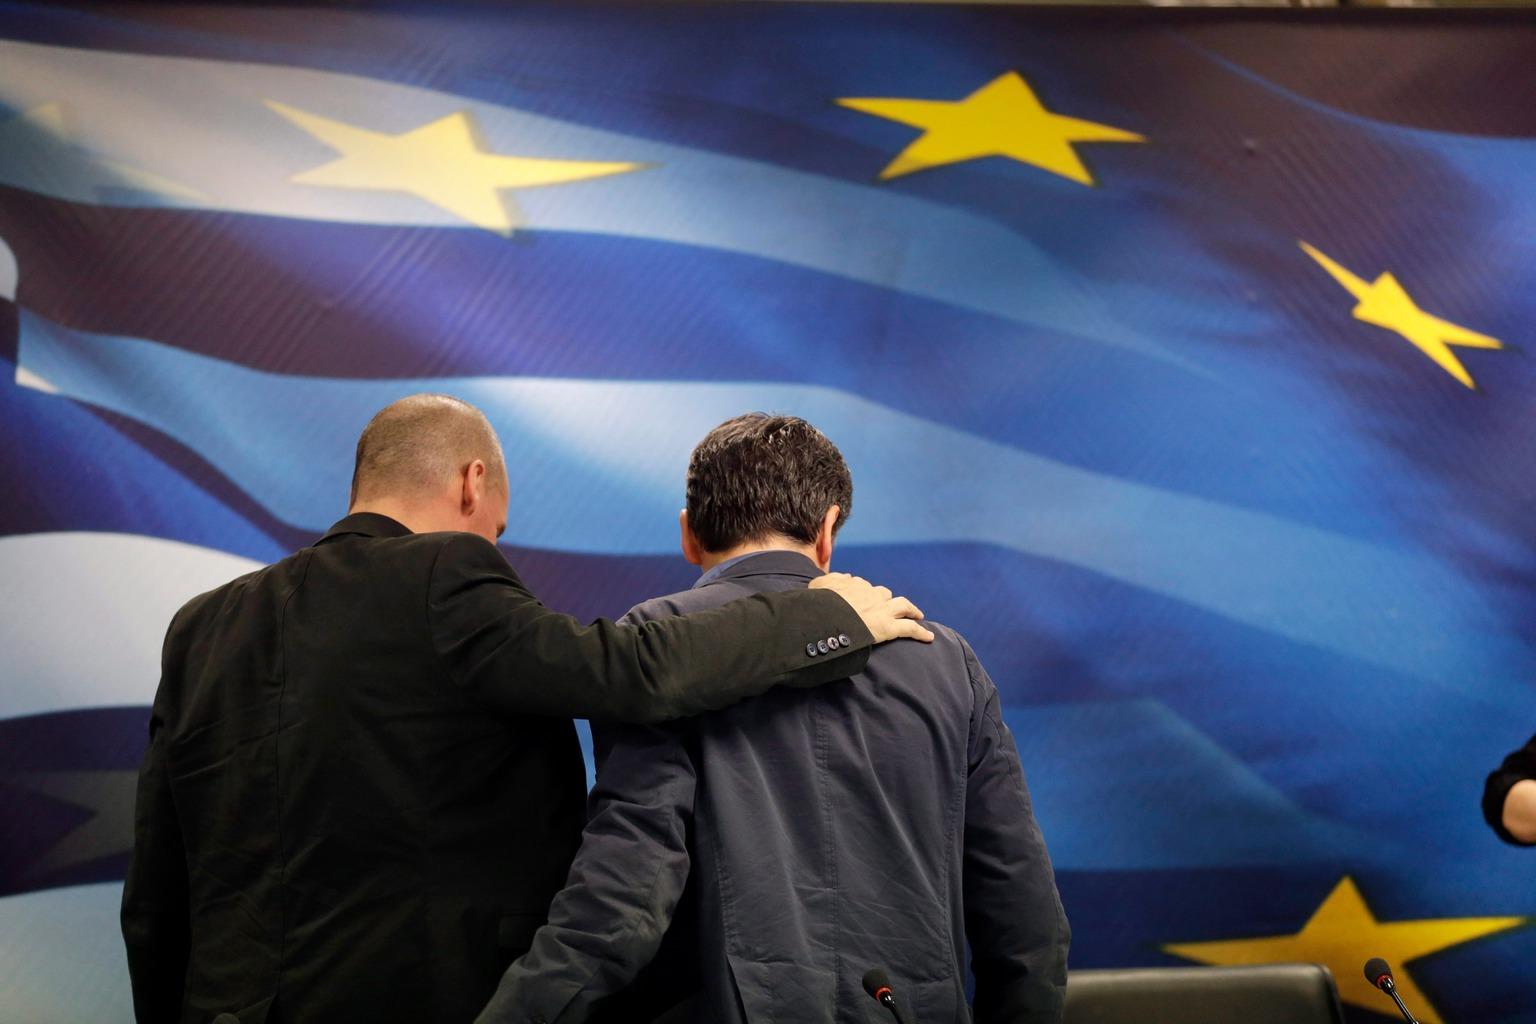 Jánisz Varufakisz lemondott görög pénzügyminiszter (b) és utódja, Evklídisz Cakalotosz a tisztség átadásán Athénban 2015. július 6-án, miután az előző nap a nemek győztek a Görögország nemzetközi hitelprogramjáról tartott népszavazáson. (MTI/AP/Petr David Josek)